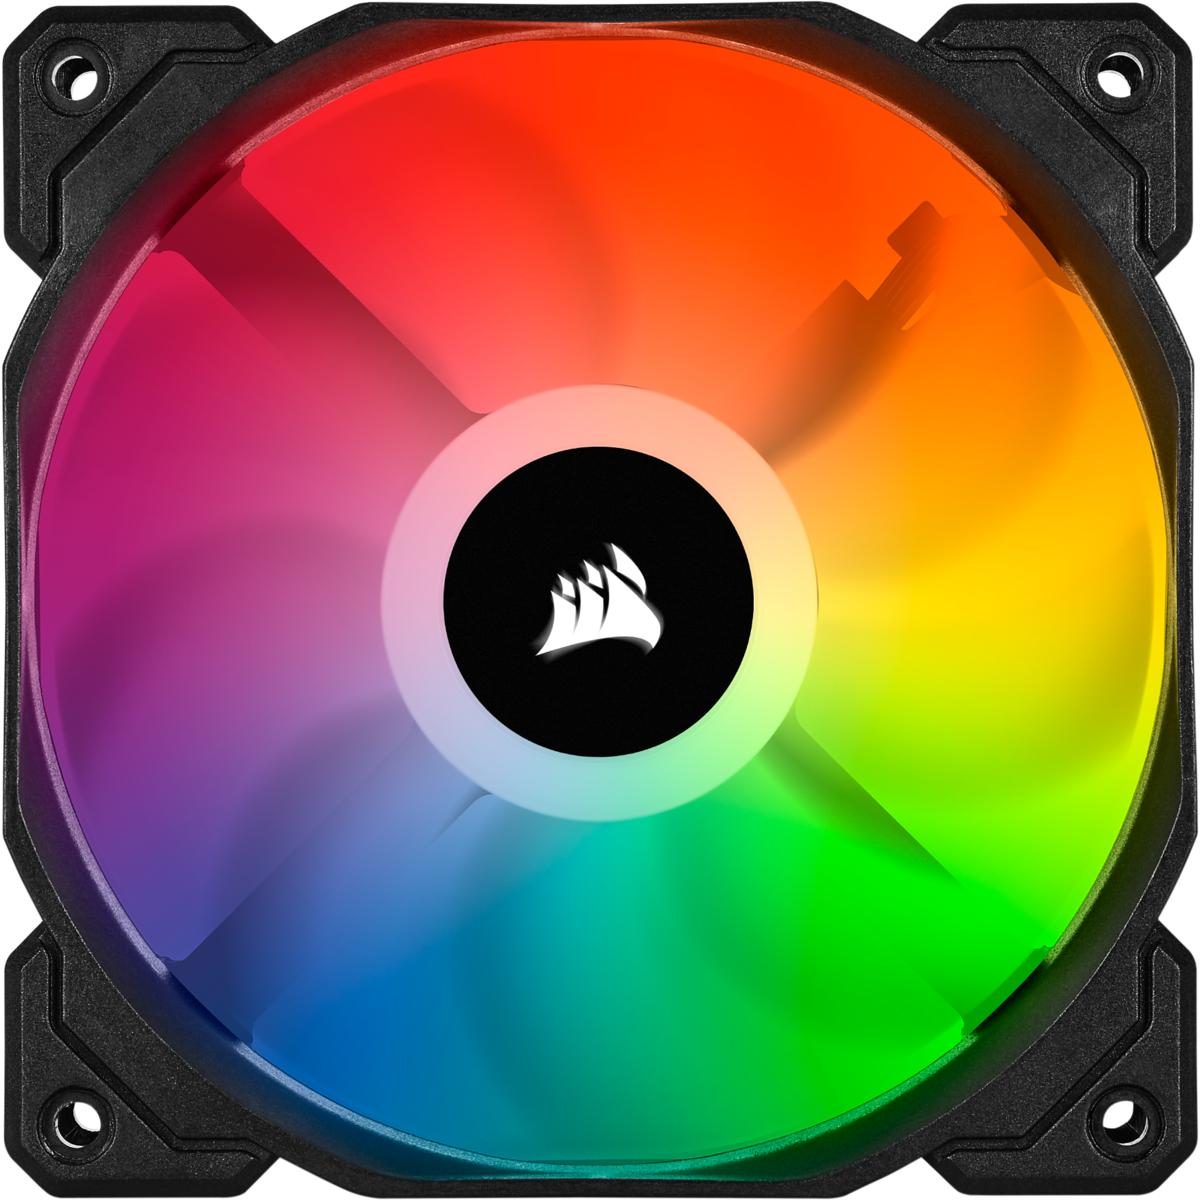 Corsair iCUE SP120 RGB Pro 52 CFM 120 mm Fan